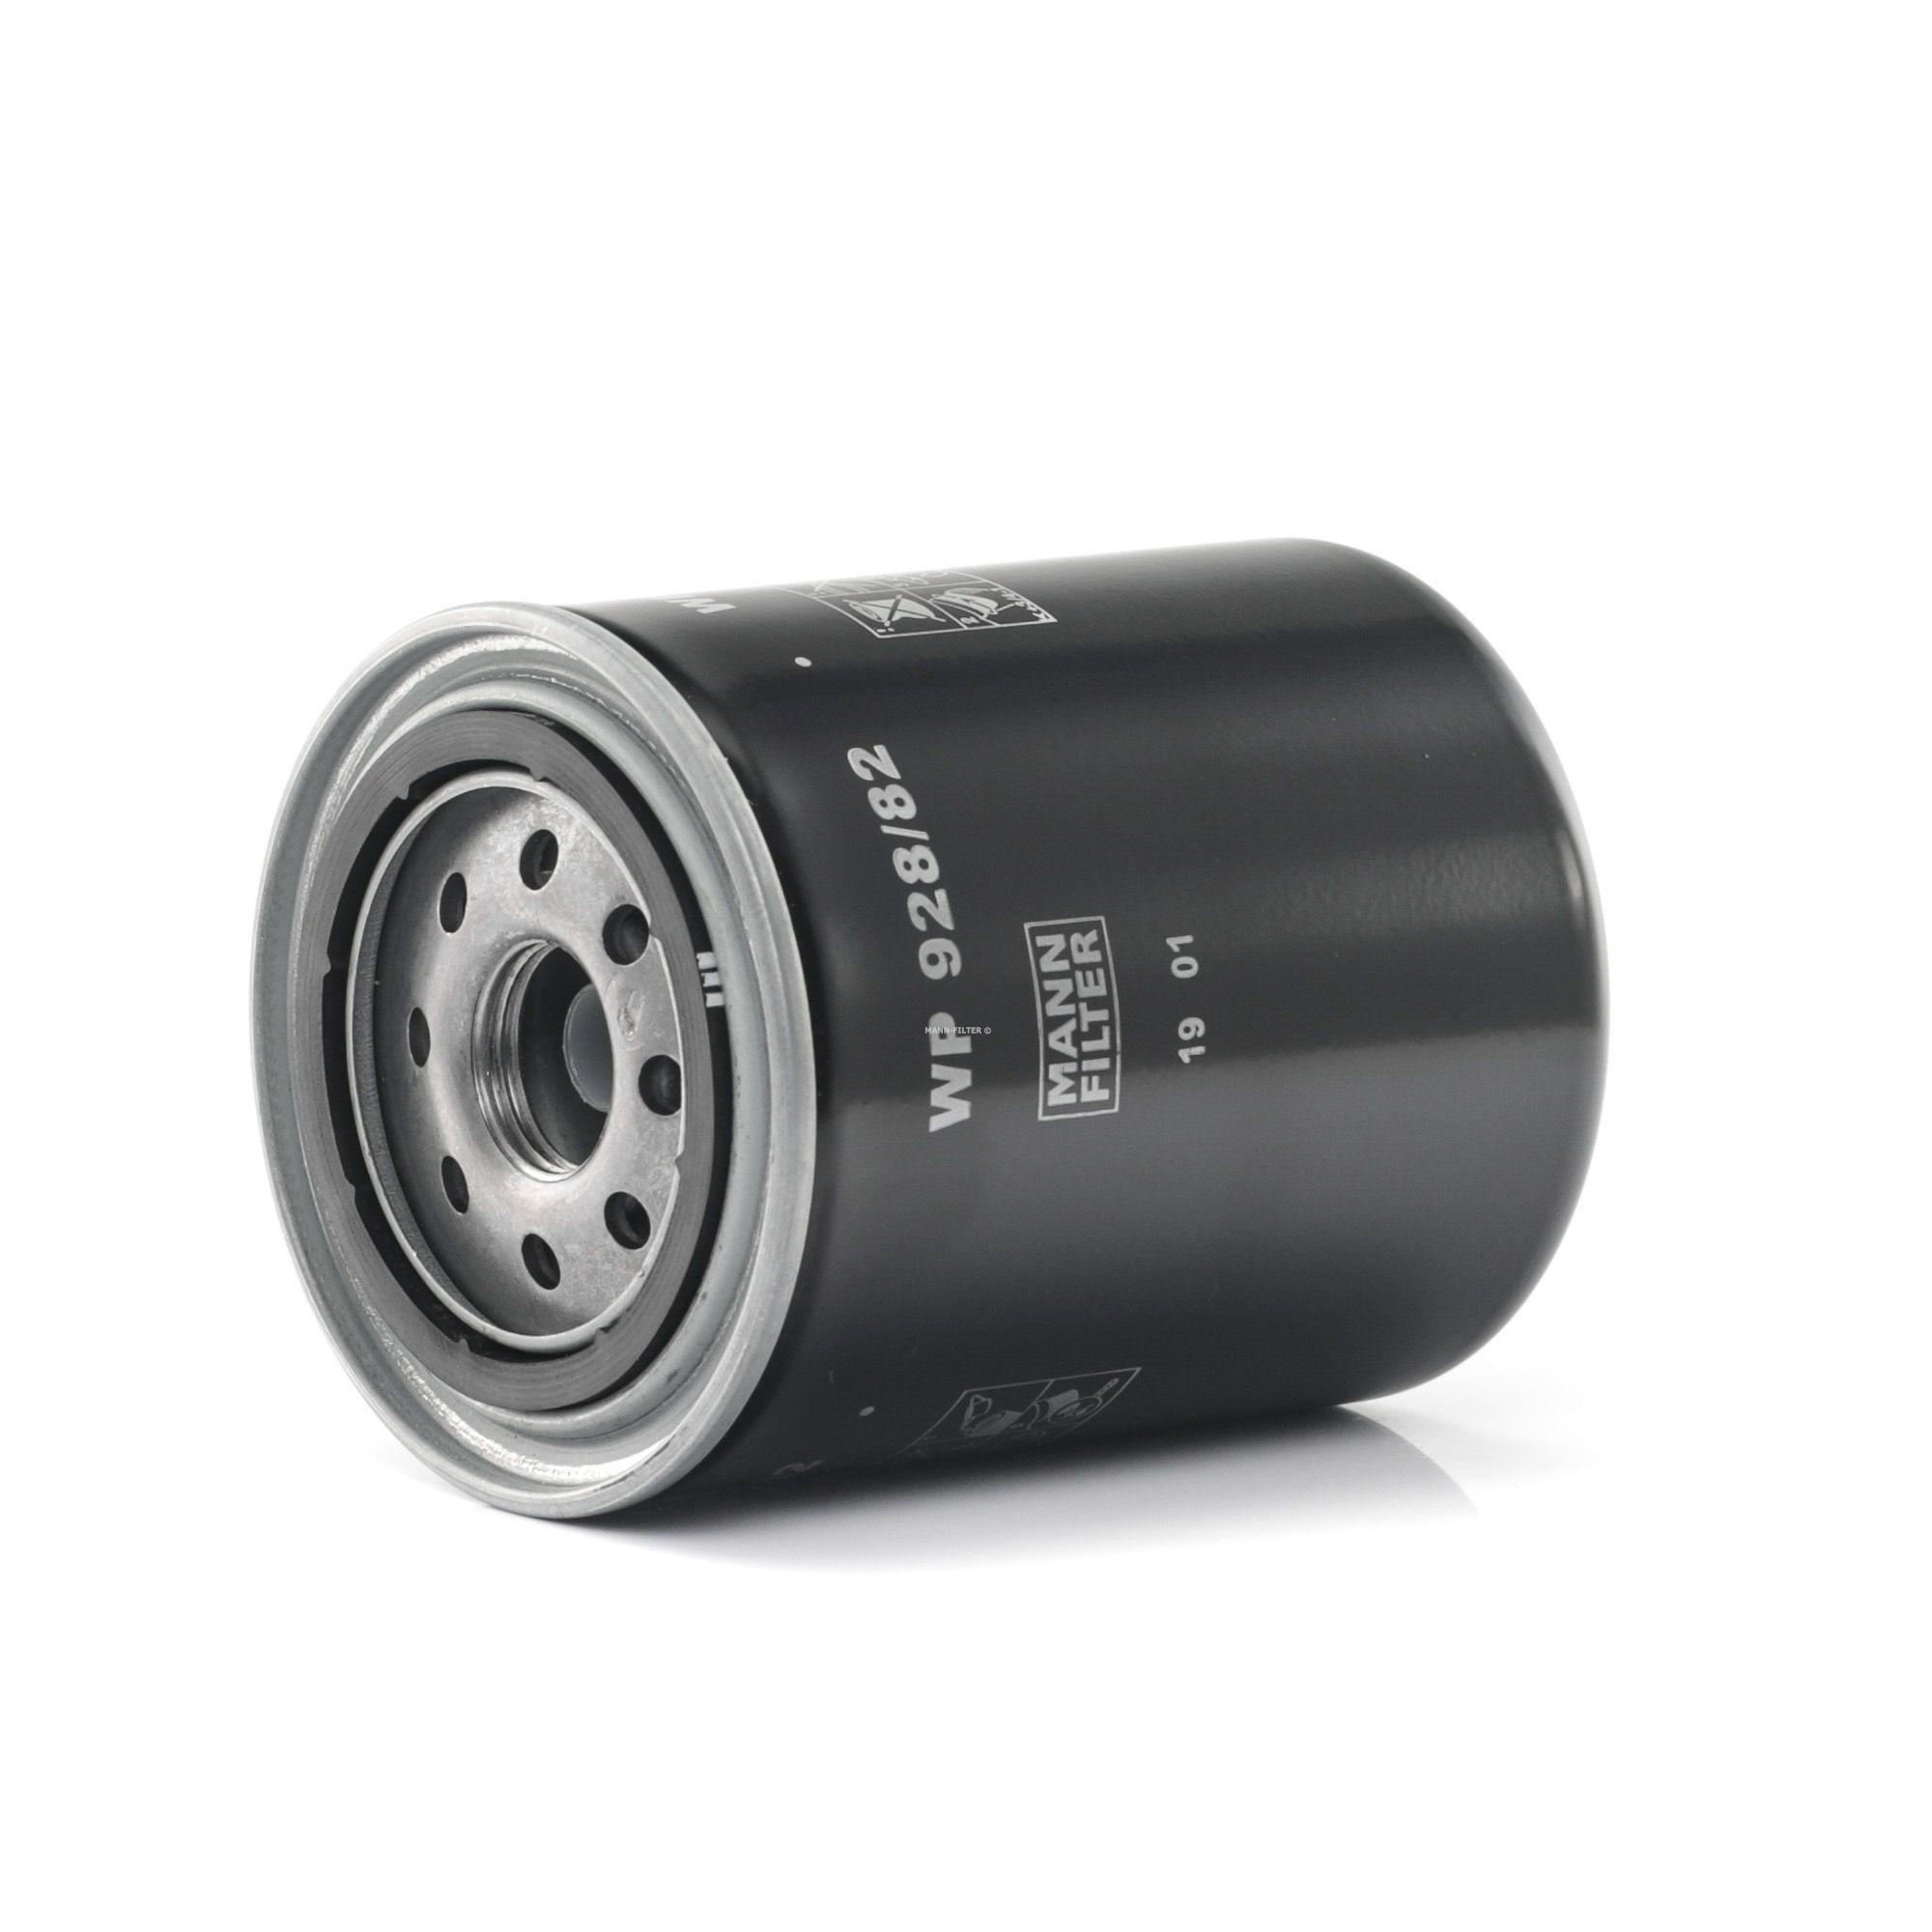 NISSAN ALMERA 2014 Filter - Original MANN-FILTER WP 928/82 Innendurchmesser 2: 62mm, Innendurchmesser 2: 62mm, Ø: 93mm, Außendurchmesser 2: 70mm, Höhe: 122mm